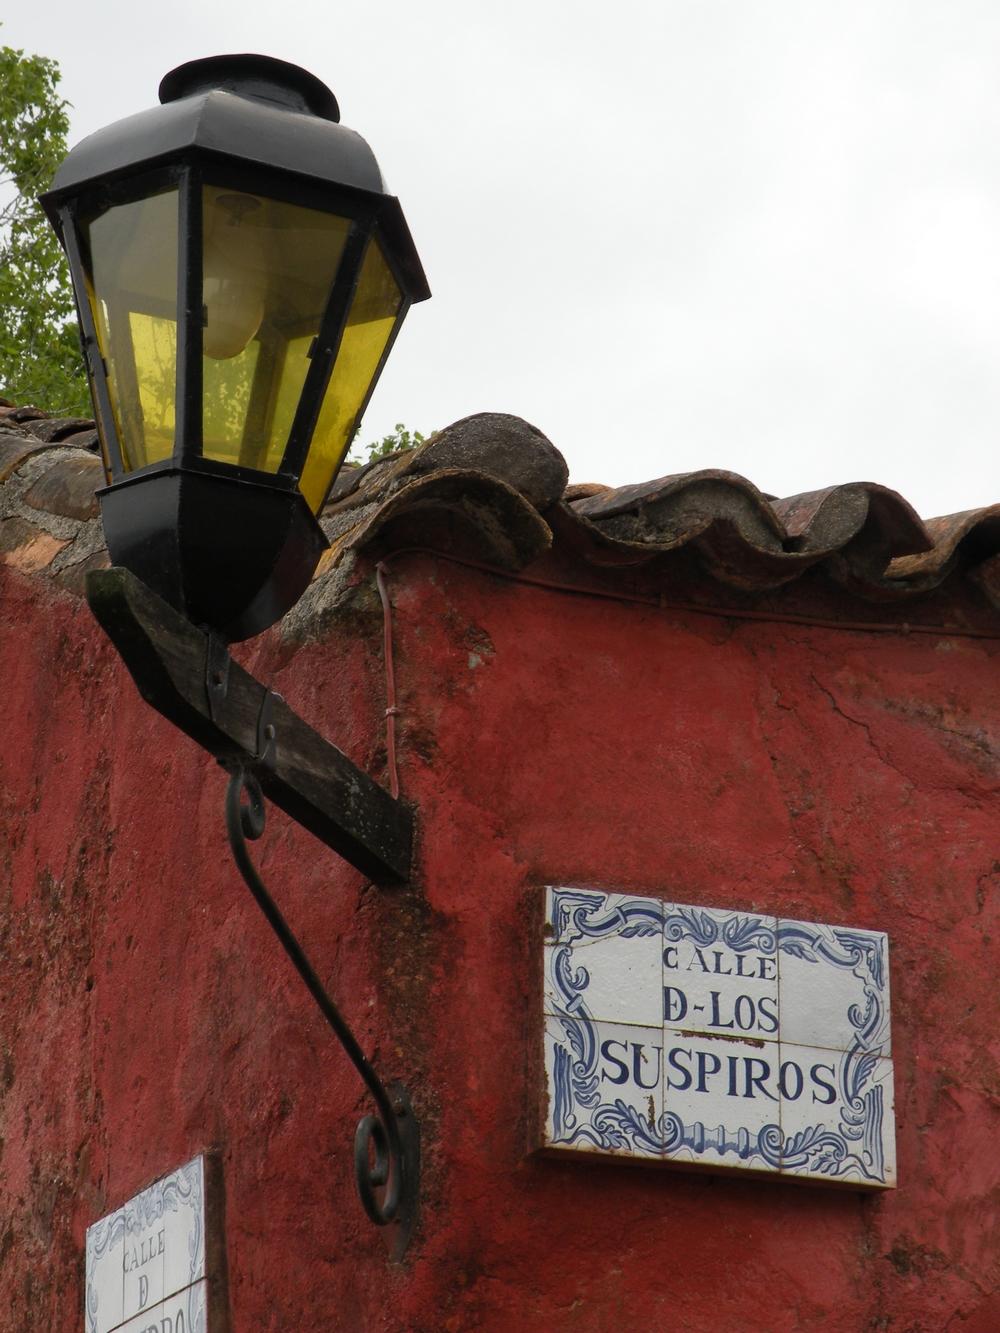 Calle los Suspiros - Colonia